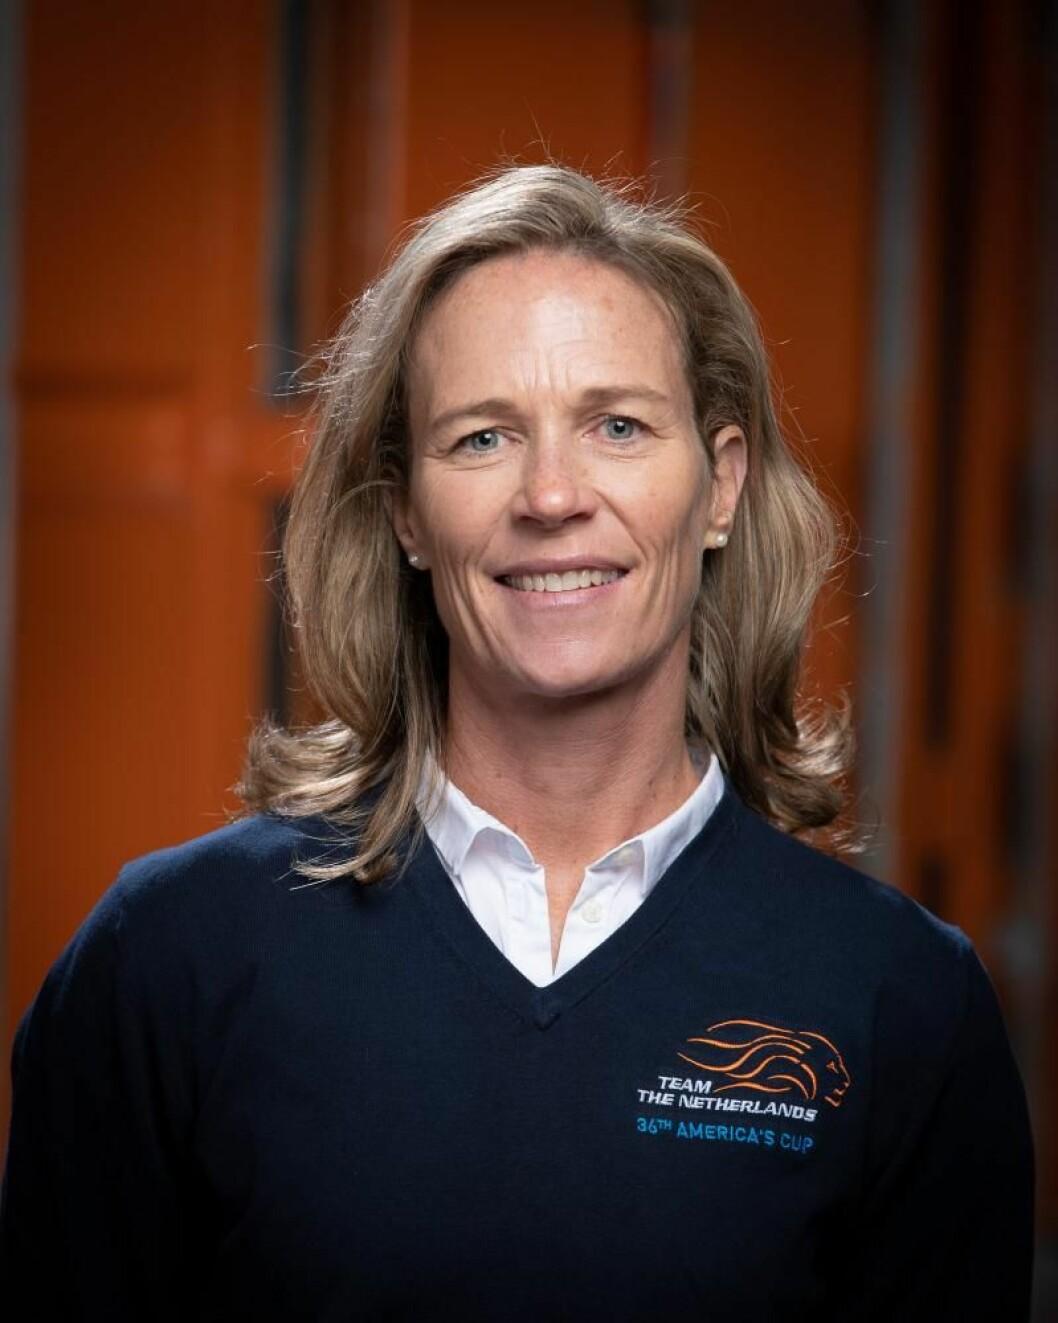 Carolijn Brouwer, første kvinnelig vinner av Volvo Ocean Race